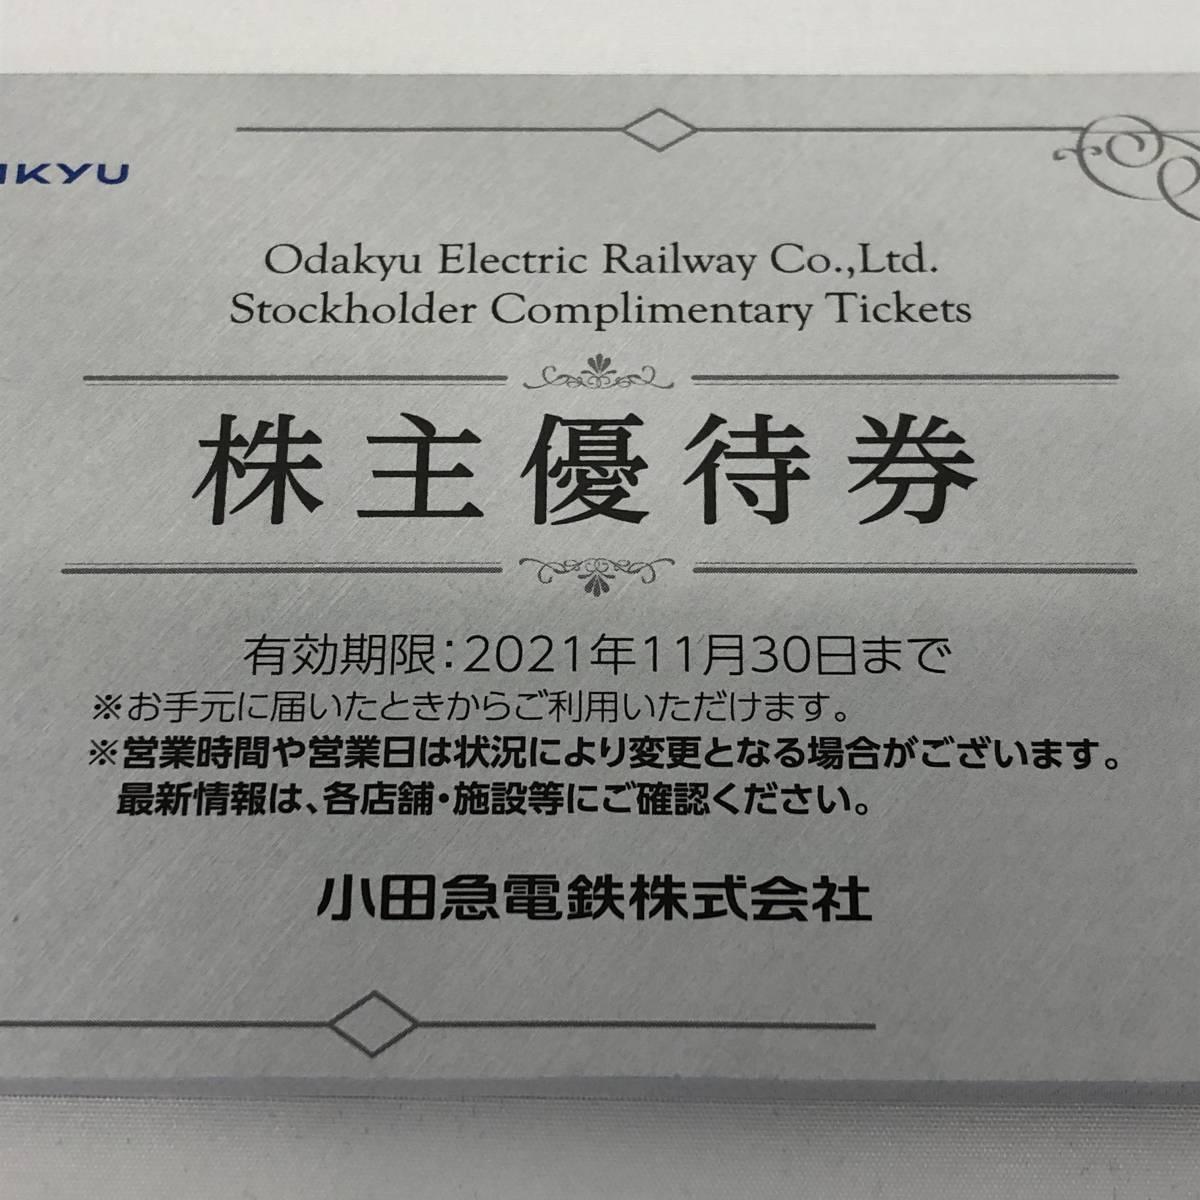 【975192】小田急電鉄 株主優待 冊子 2021年11月30日まで_画像3